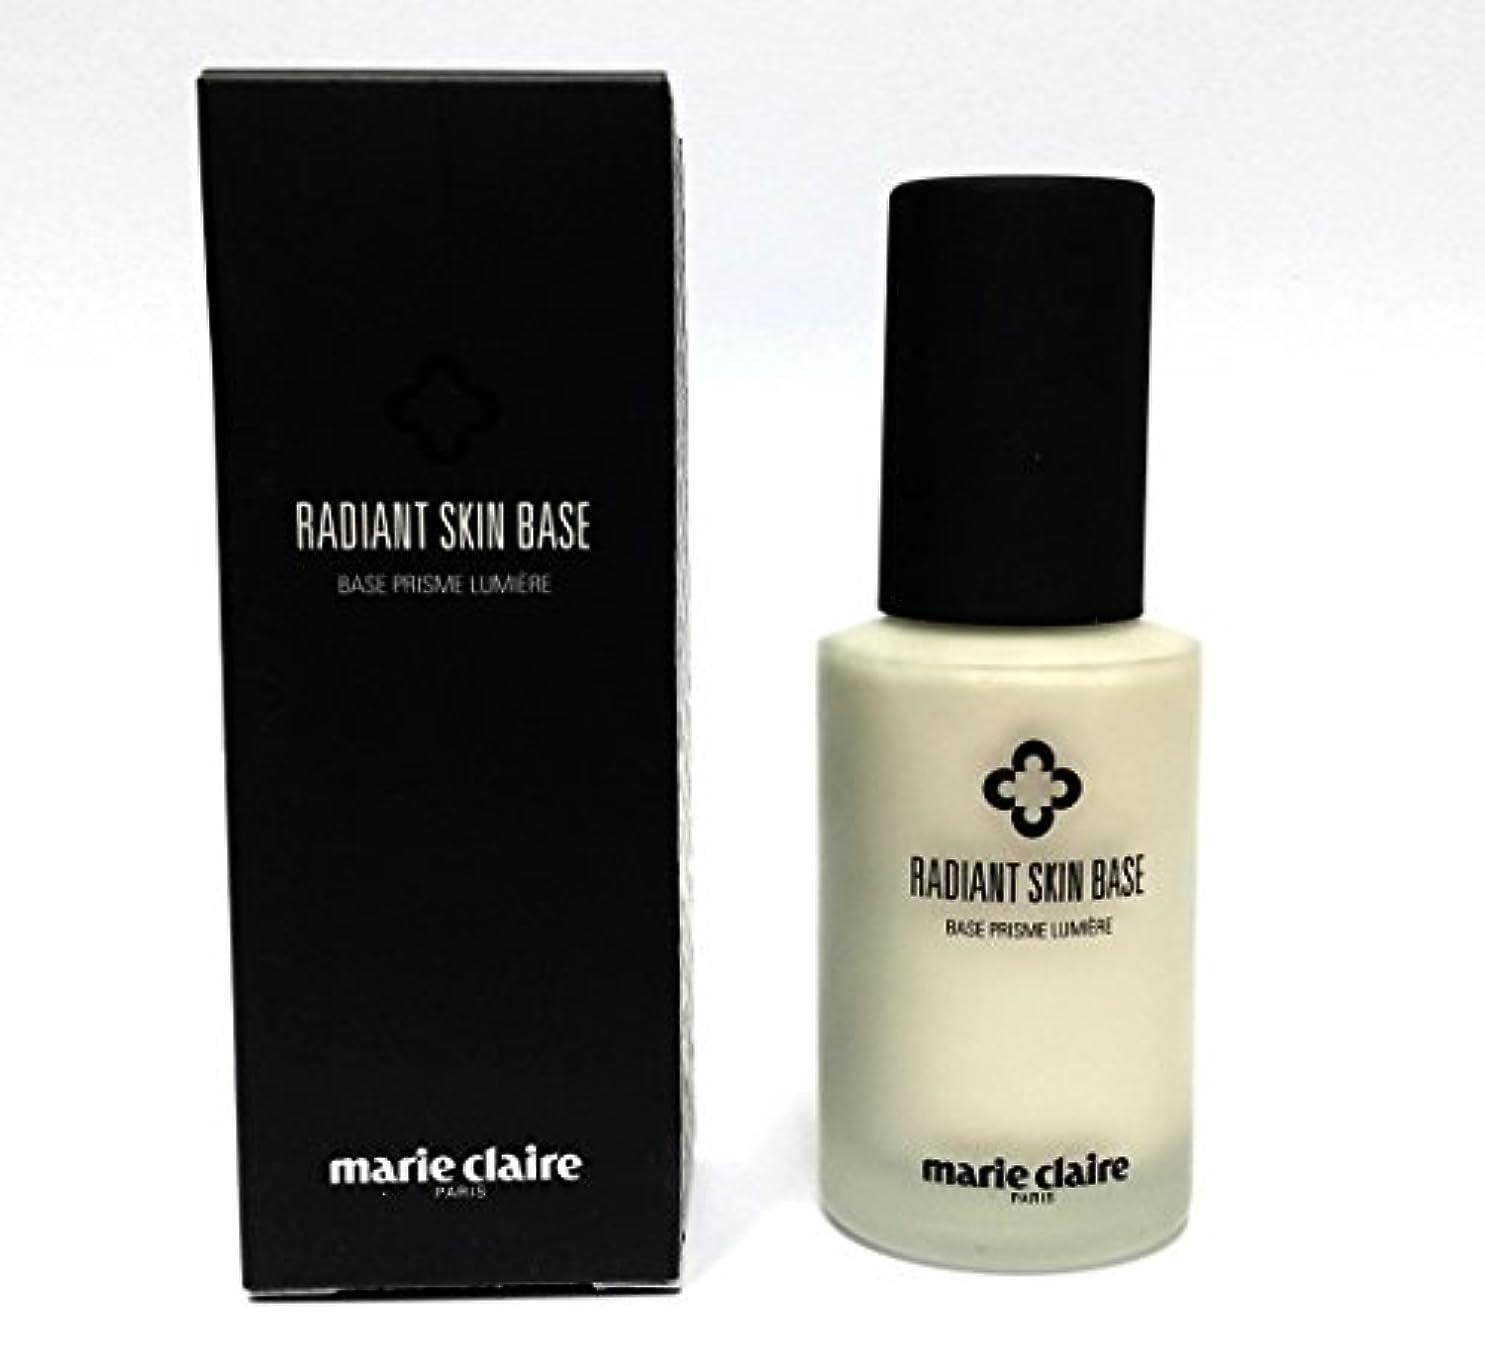 規範褒賞紳士[Marie Claire] ラディアントスキンベース30ml / Radiant Skin Base 30ml / 皮膚の傷はカバー / skin blemishes cover / ソフト、水分、絹のような / soft...